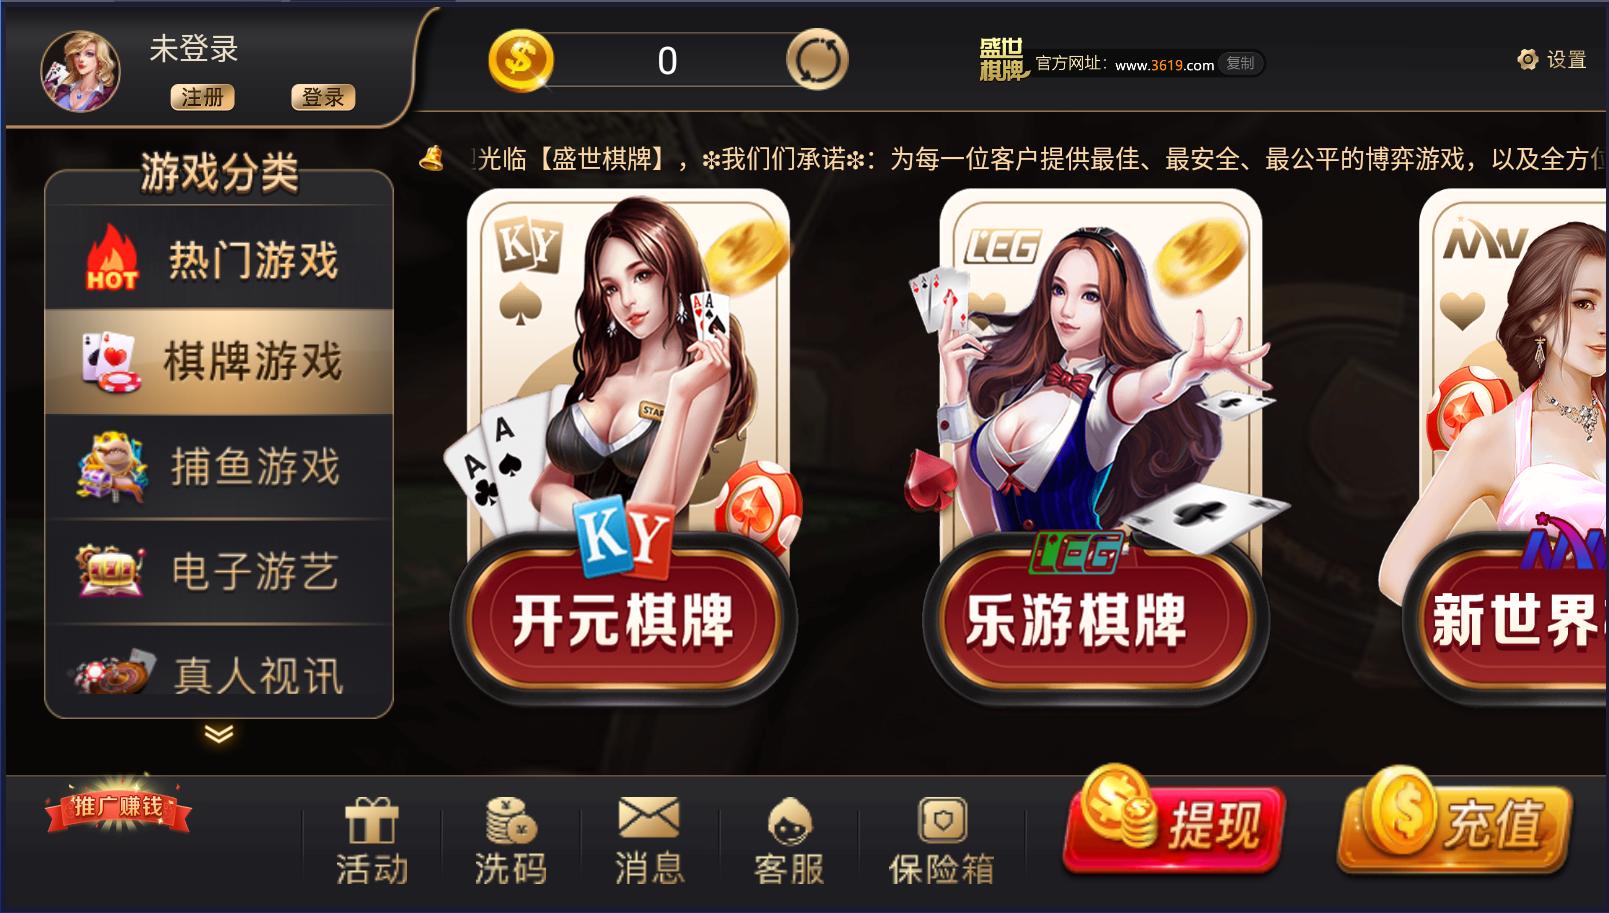 盛世棋牌app